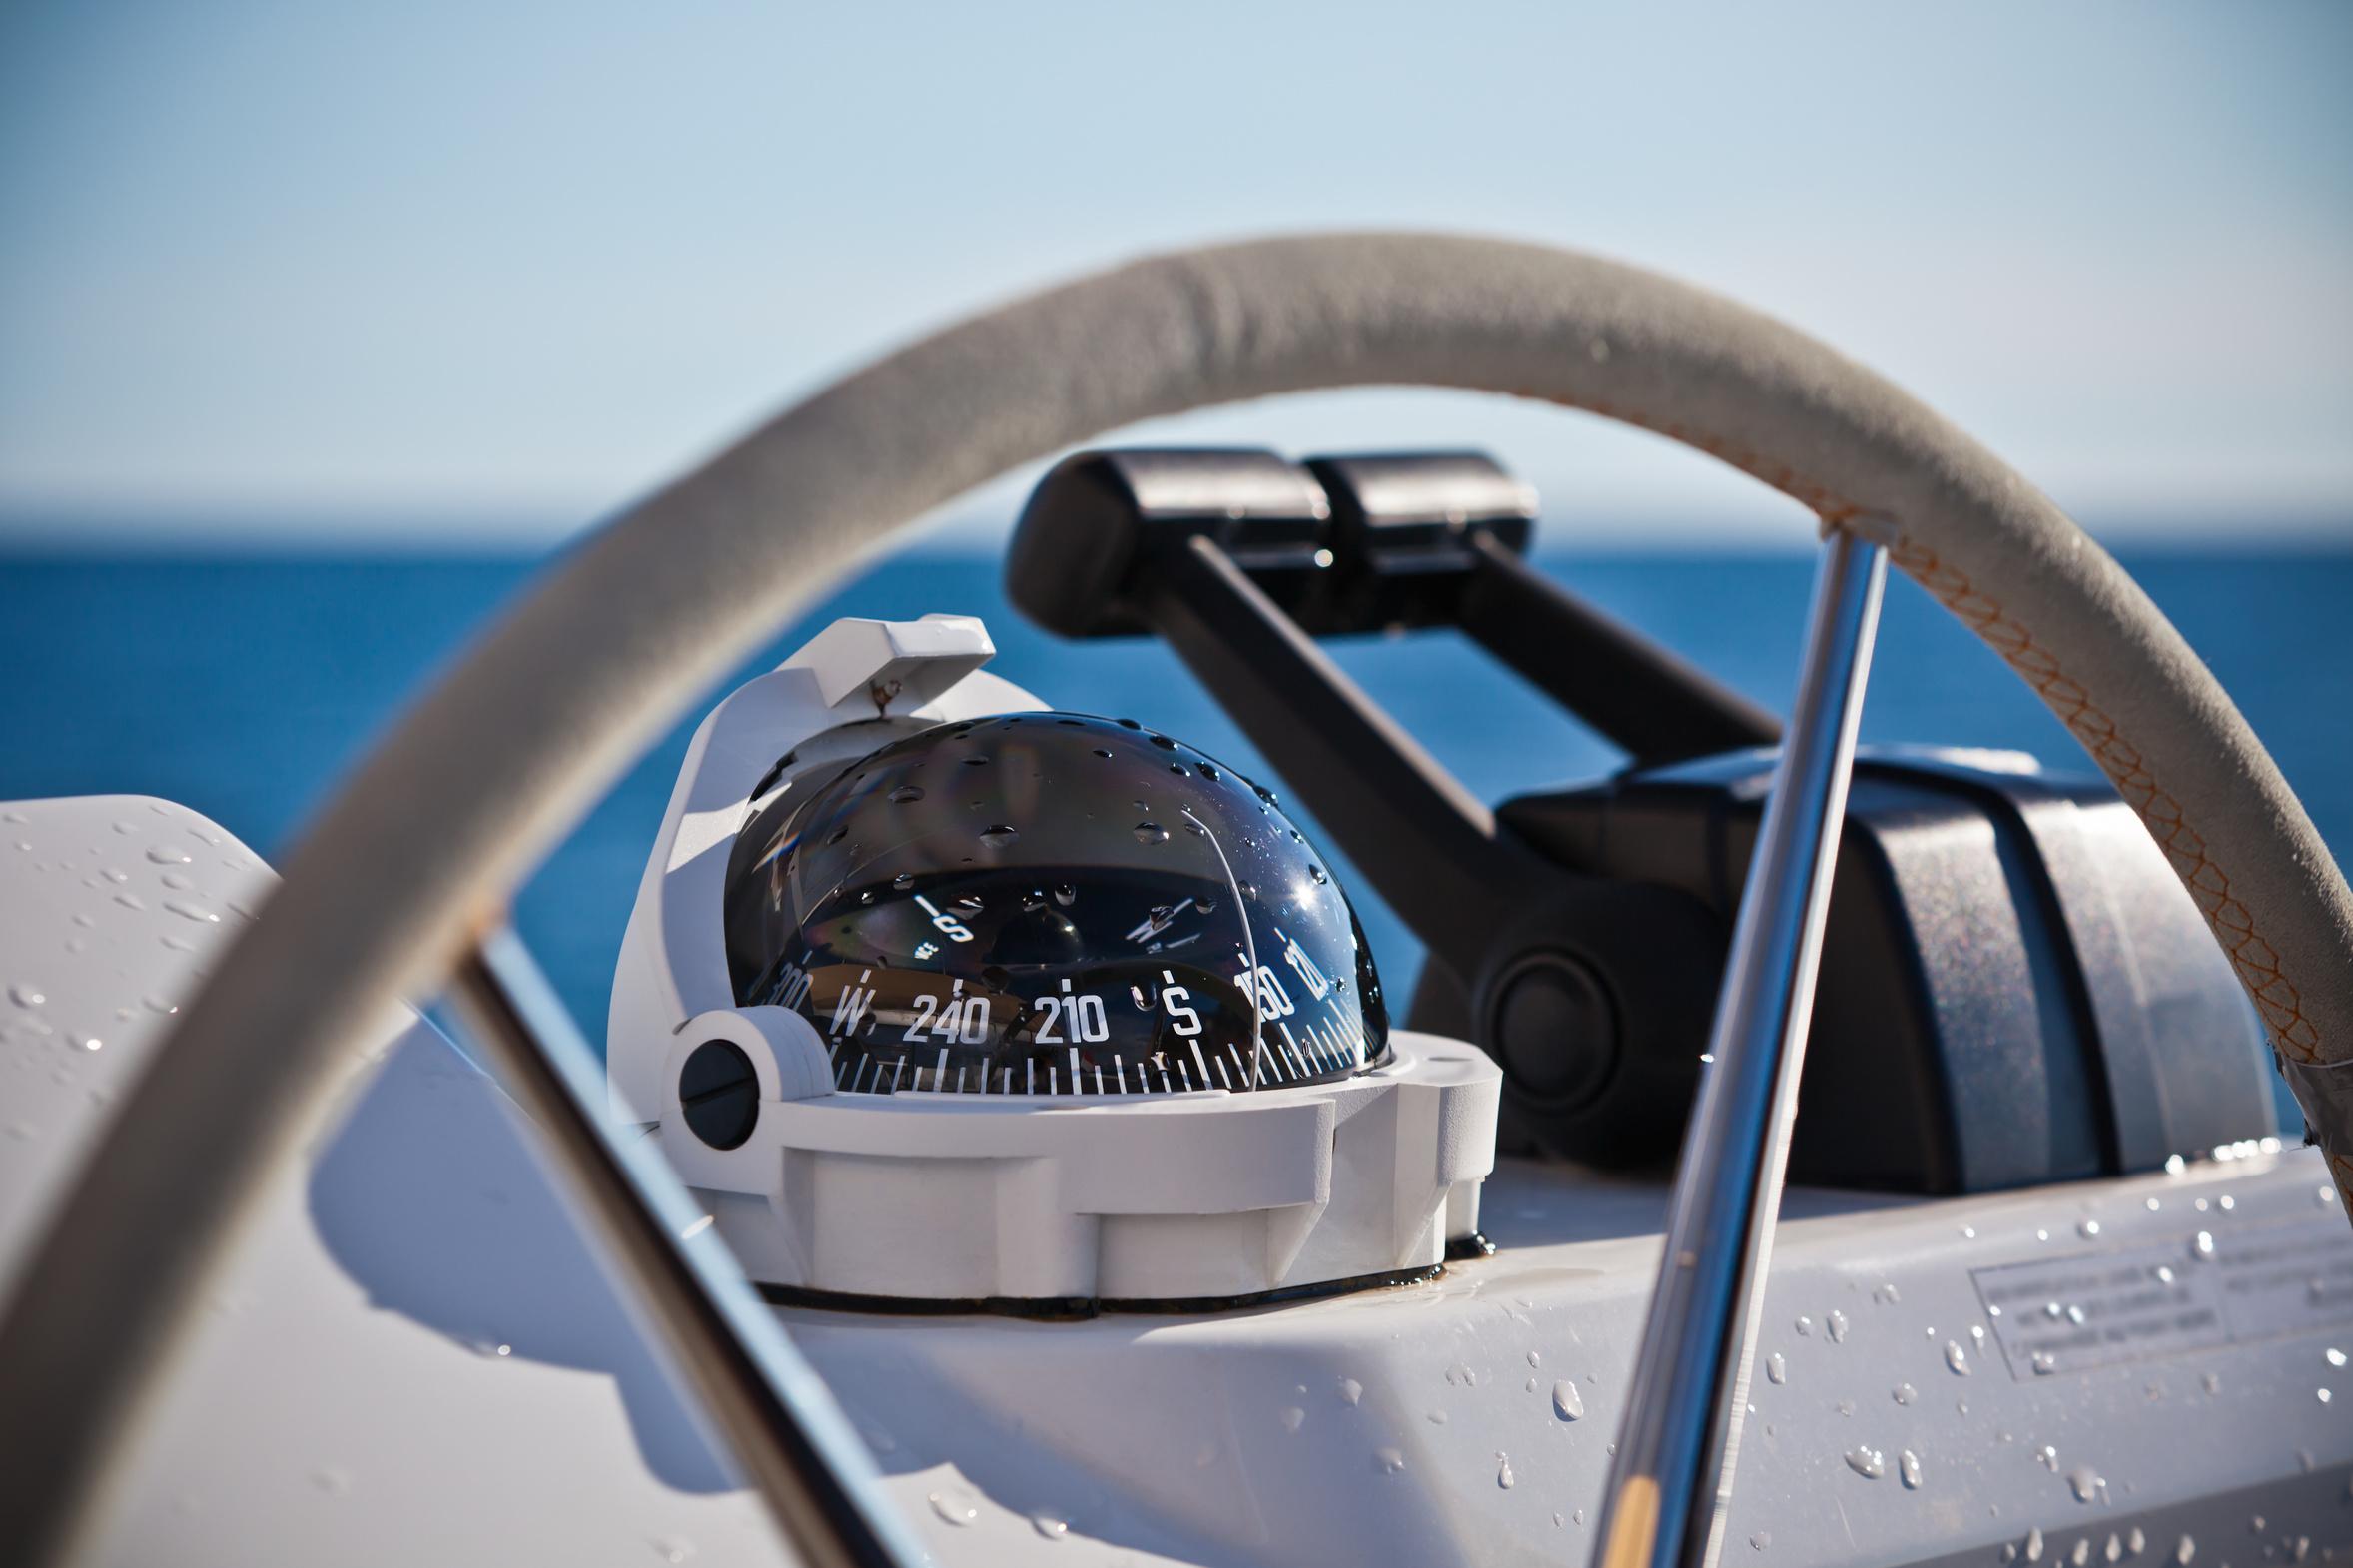 Motorbootkompass_Bilstein